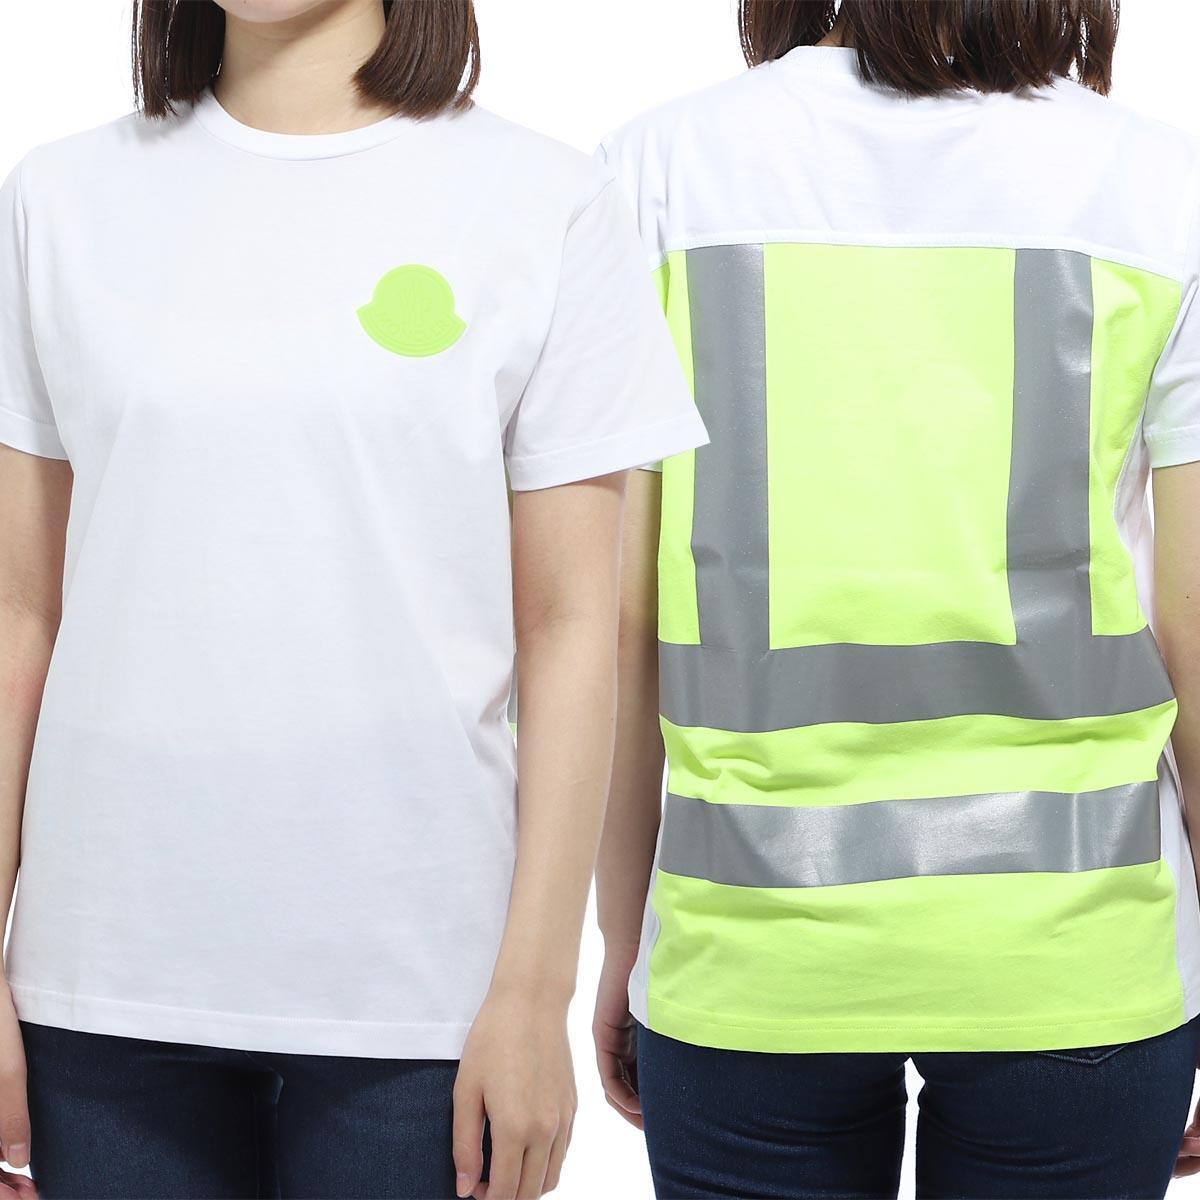 トップス, Tシャツ・カットソー  MONCLER T 8c70720 83907 001